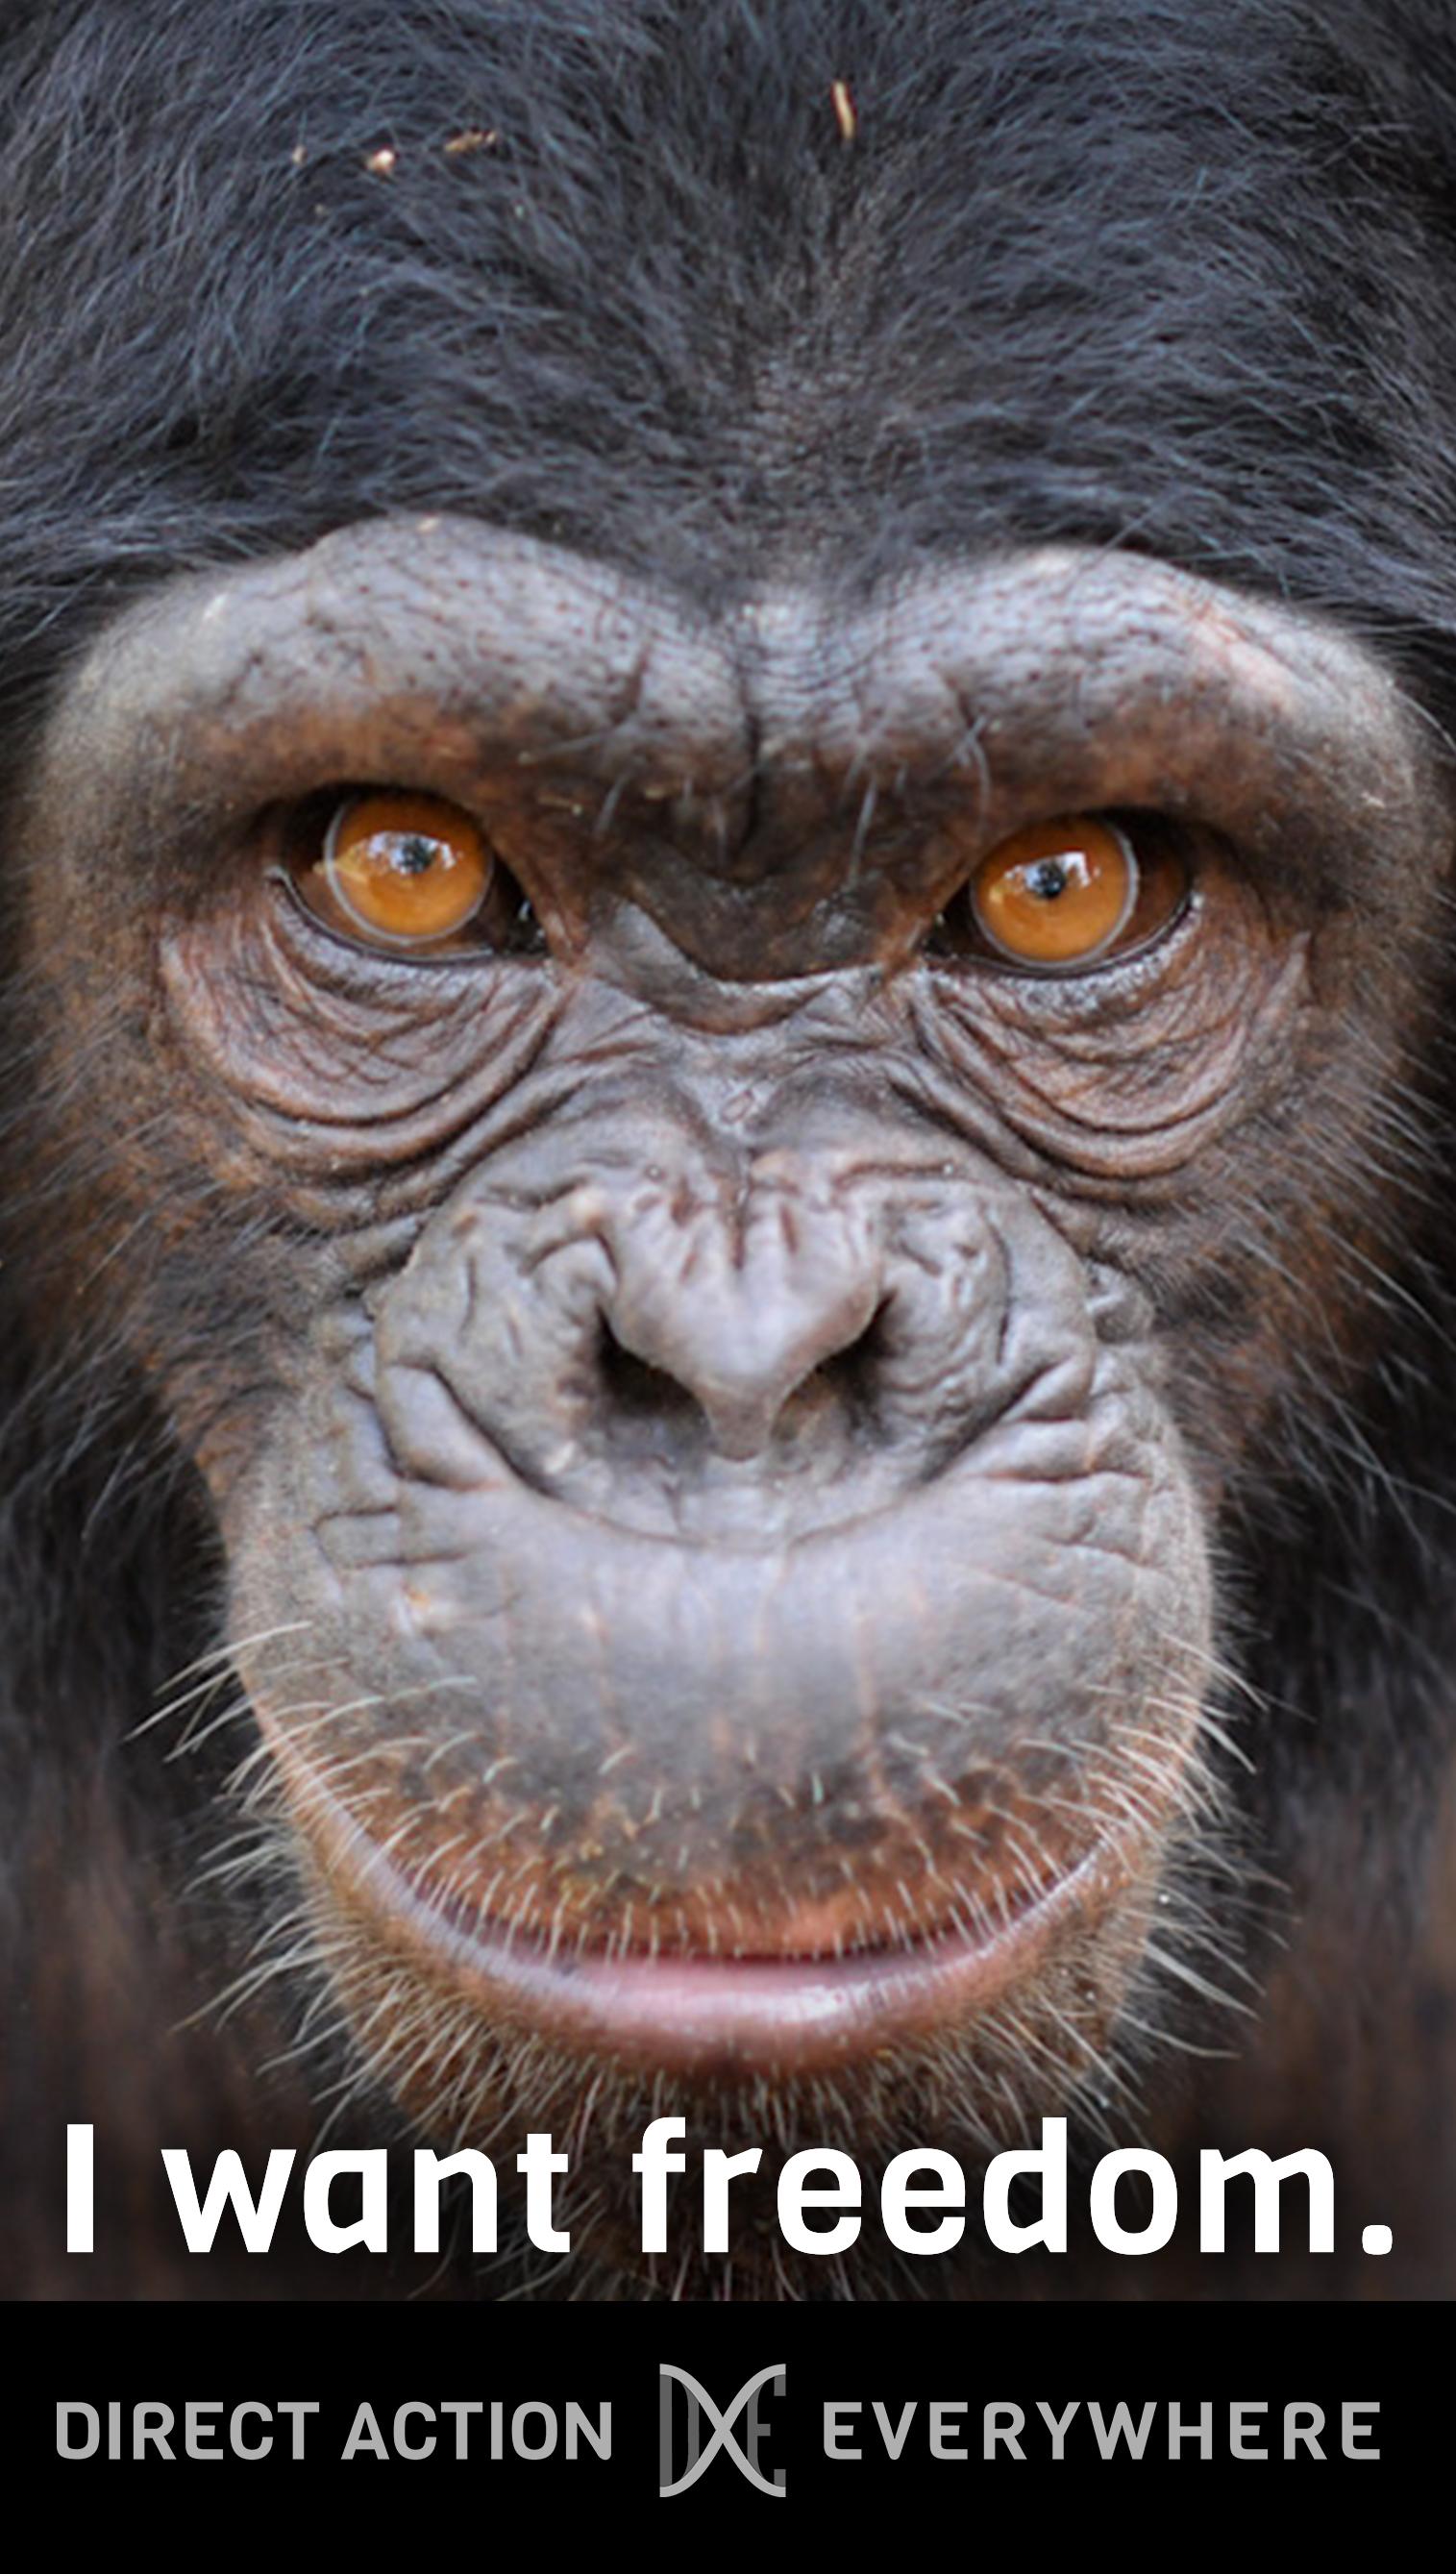 iwantfreedom_chimp.jpg